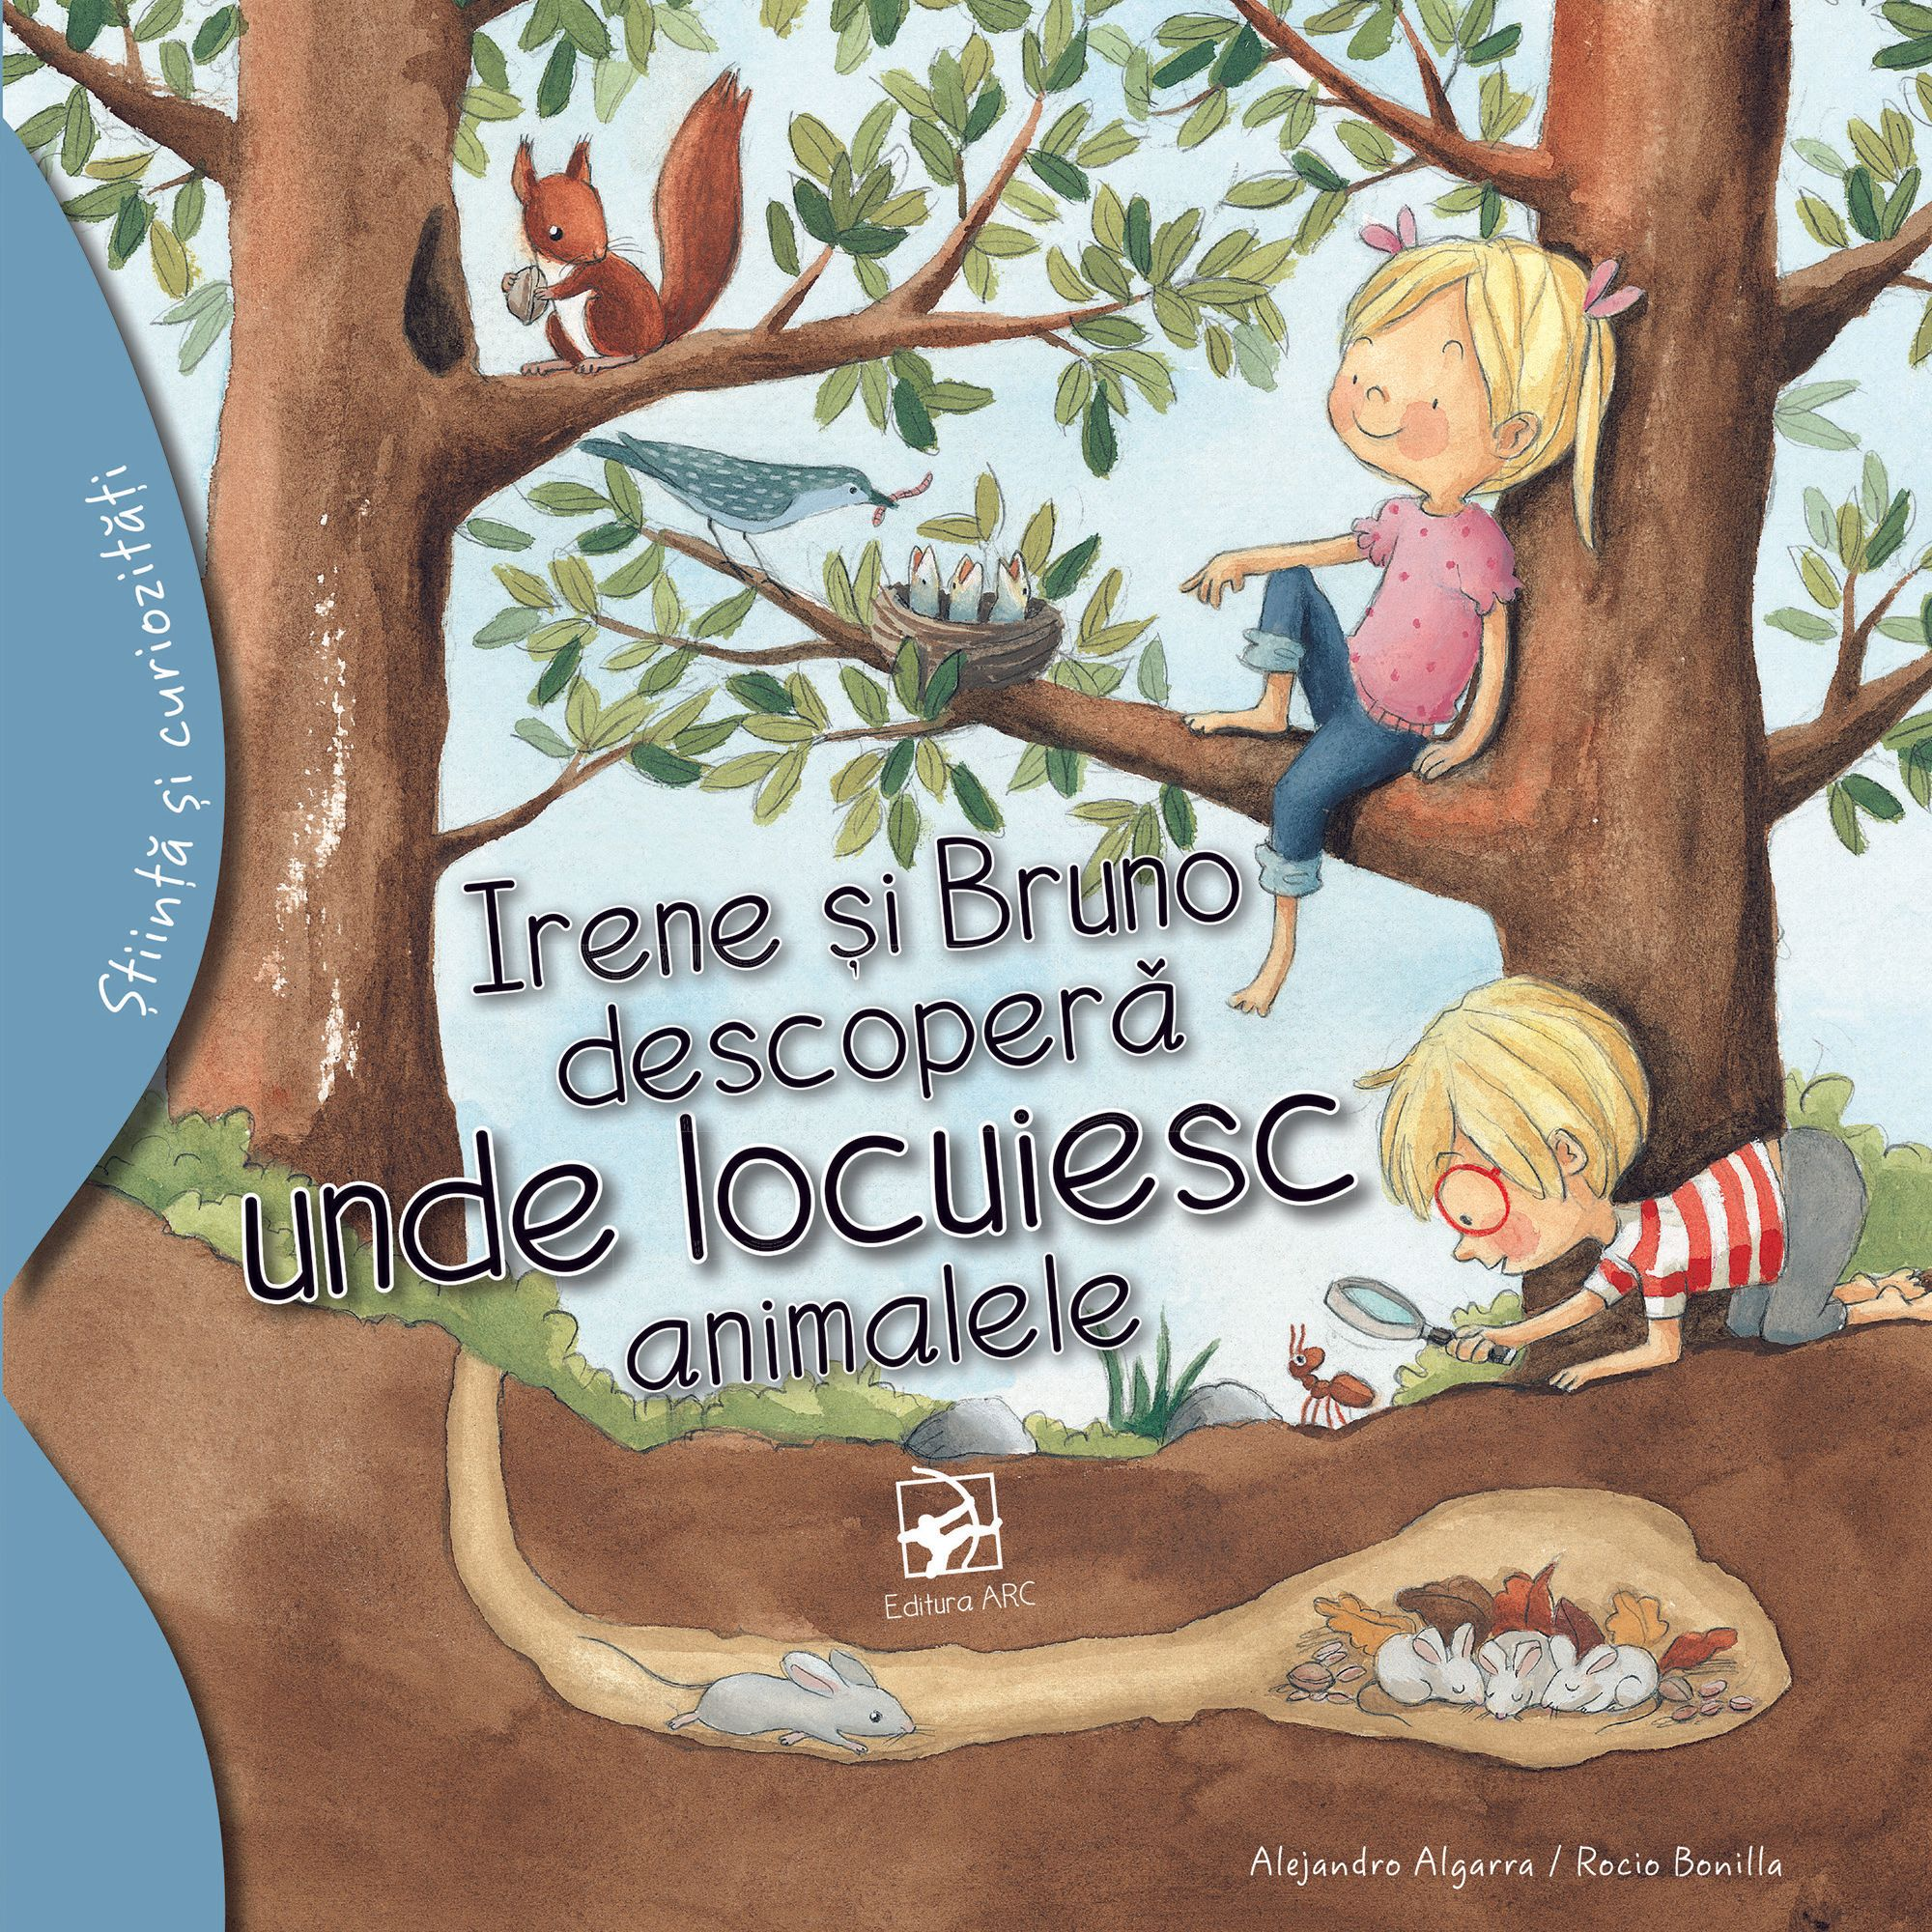 Imagine Irene Si Bruno Descopera Unde Locuiesc Animalele - Alejandro Algarra